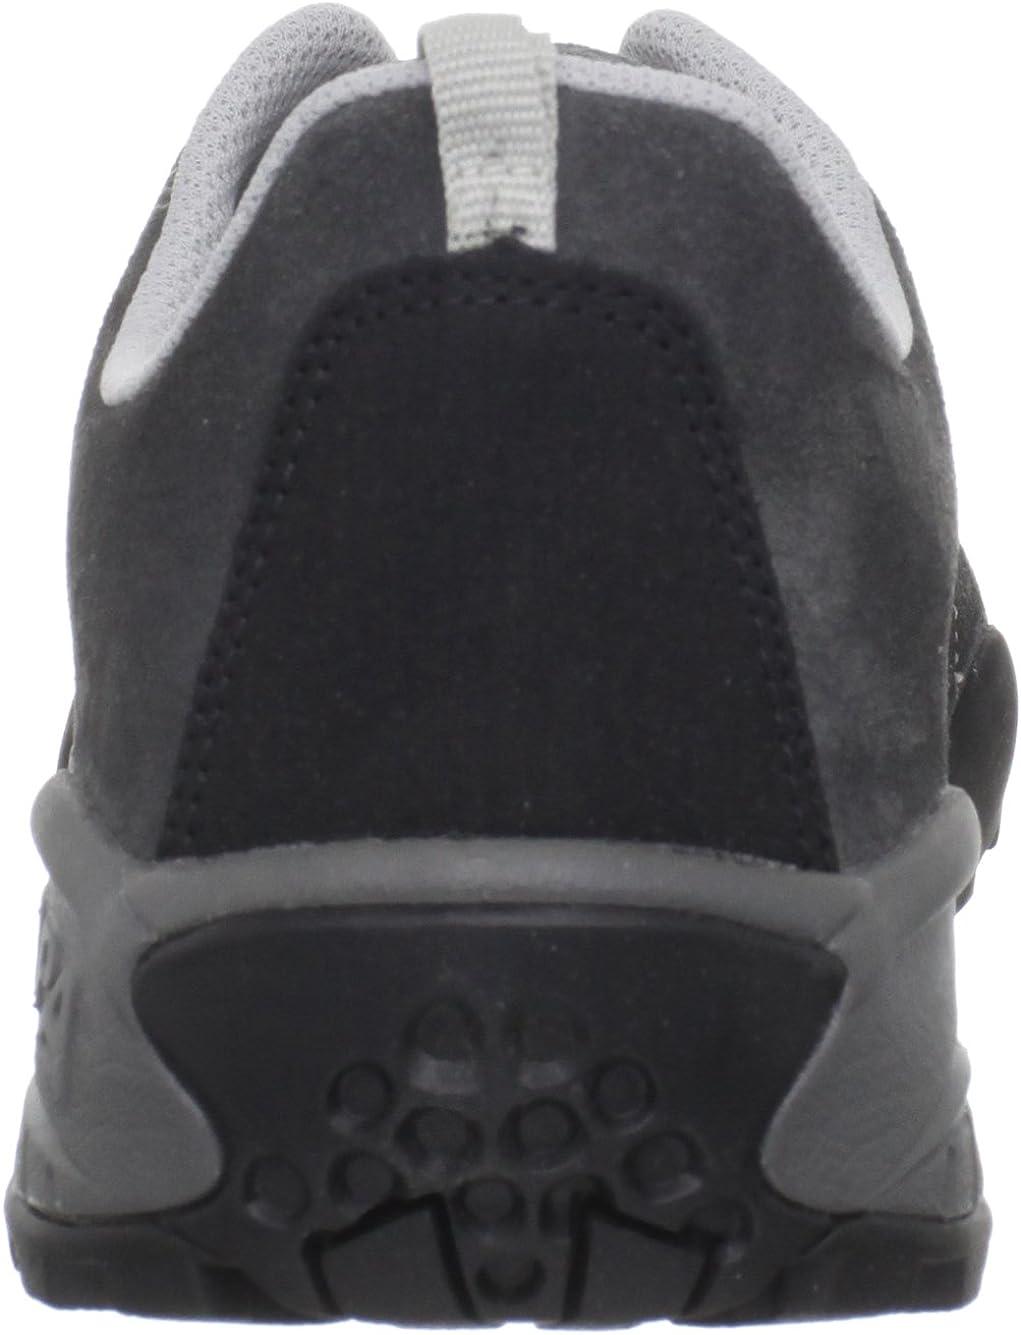 Scarpa Mens Mojito Casual Shoe